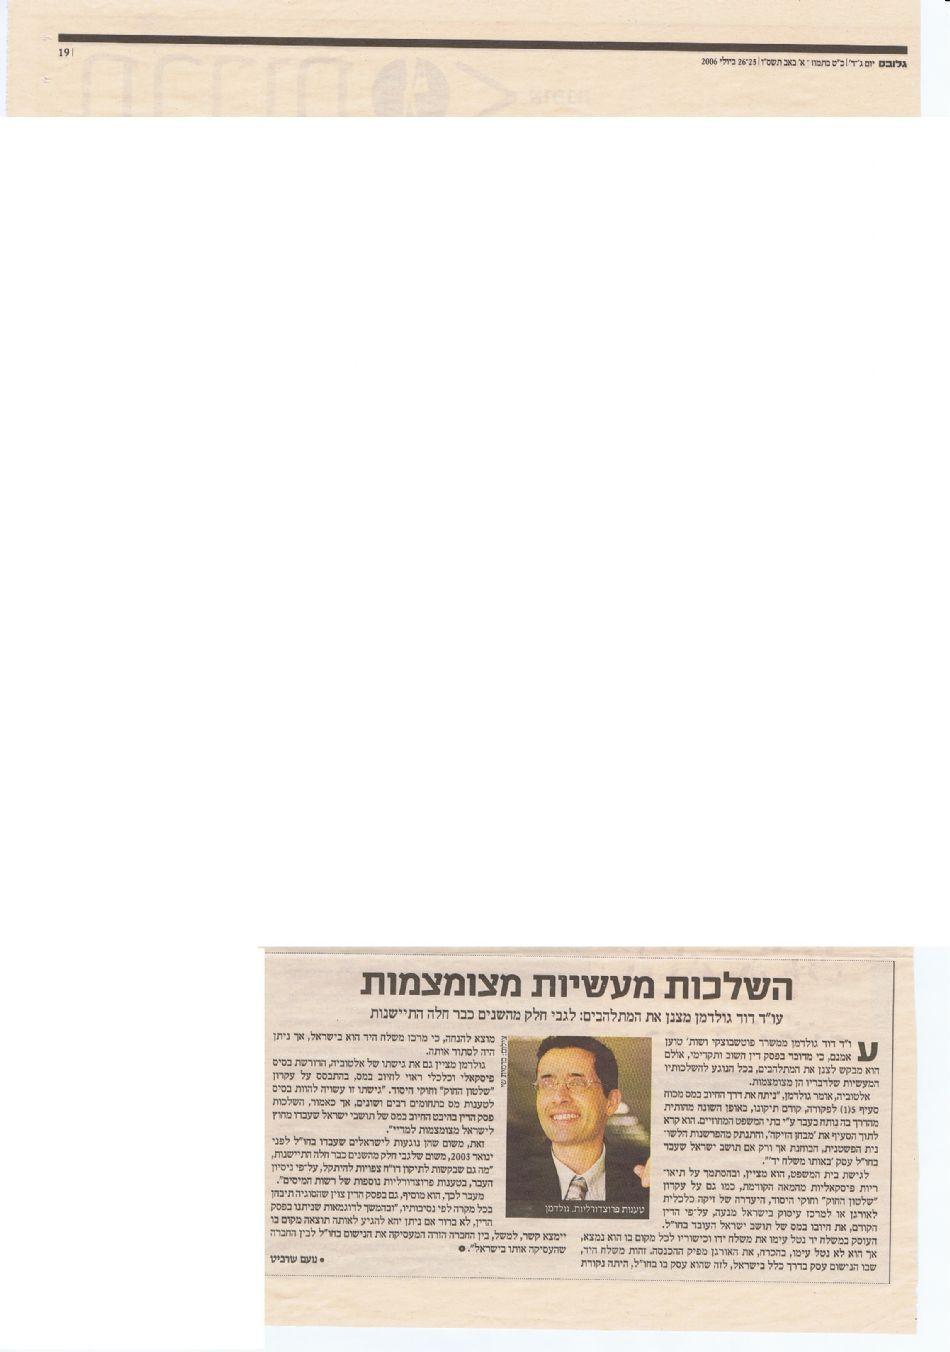 """השלכות מעשיות מצומצמות, עו""""ד דוד גולדמן"""